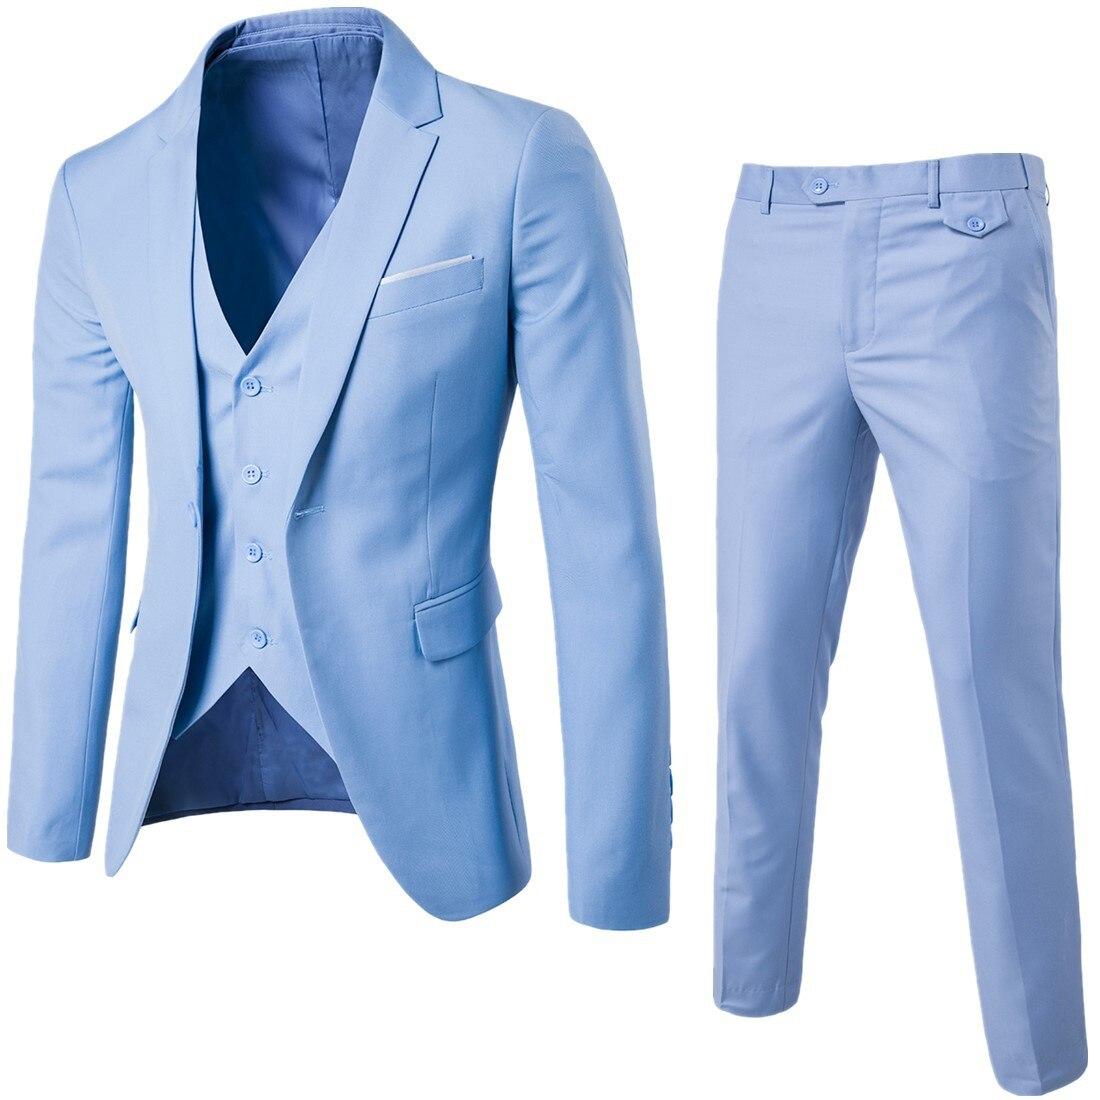 Homme classique costume 3 pièces ensemble Plus Szie S-6XL mariage toilettage fête coupe étroite hommes costume veste pantalon gilet noir gris bleu bordeaux